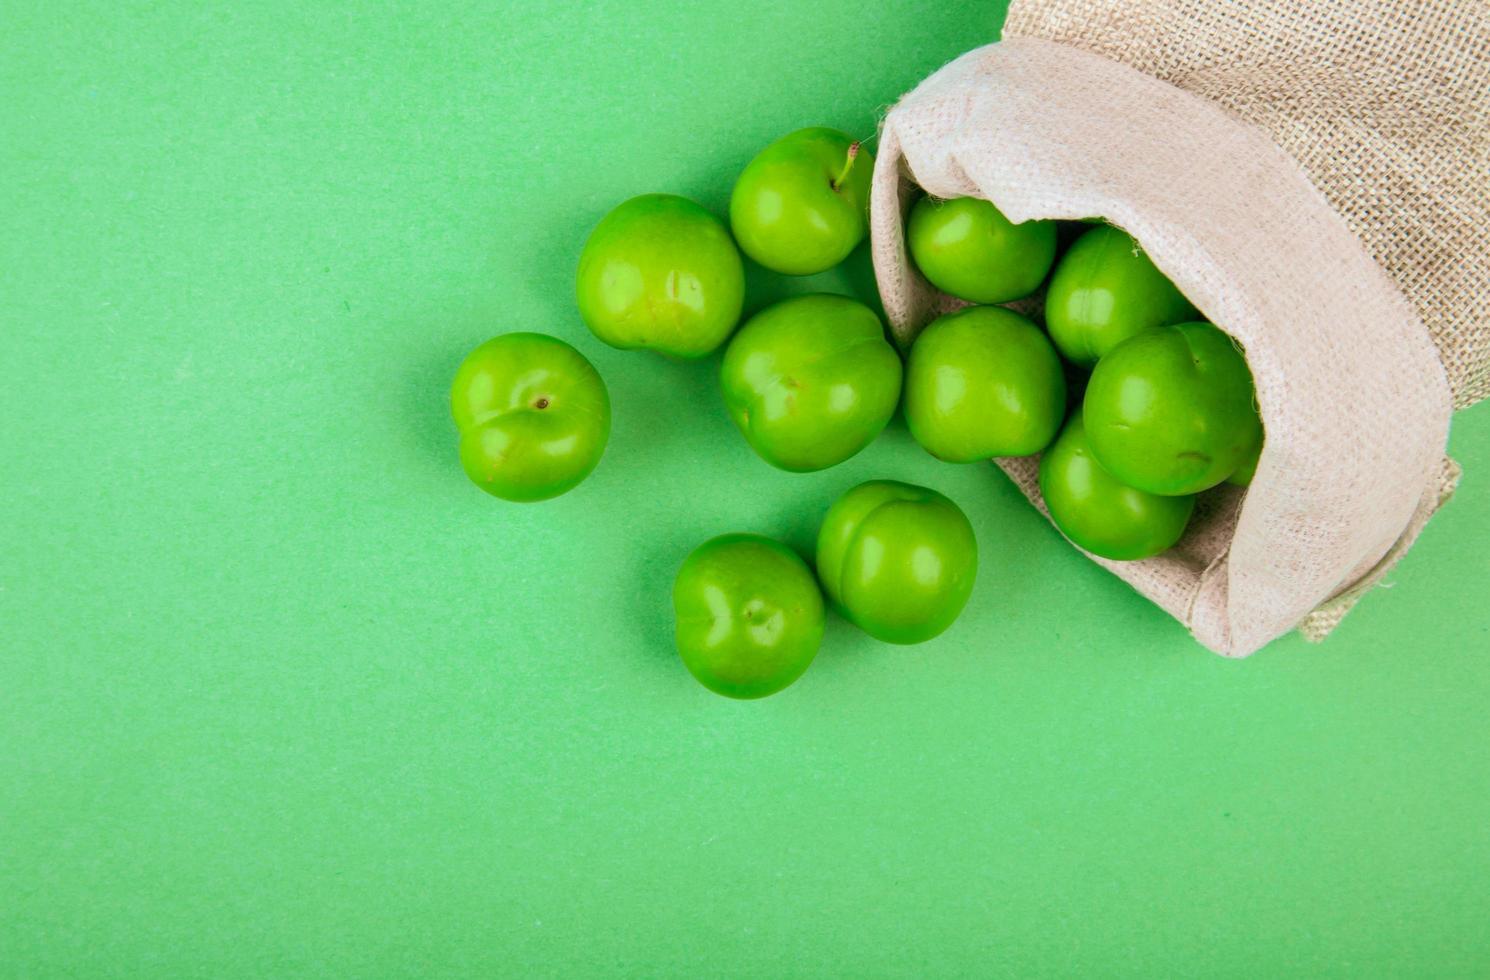 Ciruelas ácidas verdes en un saco sobre un fondo verde foto